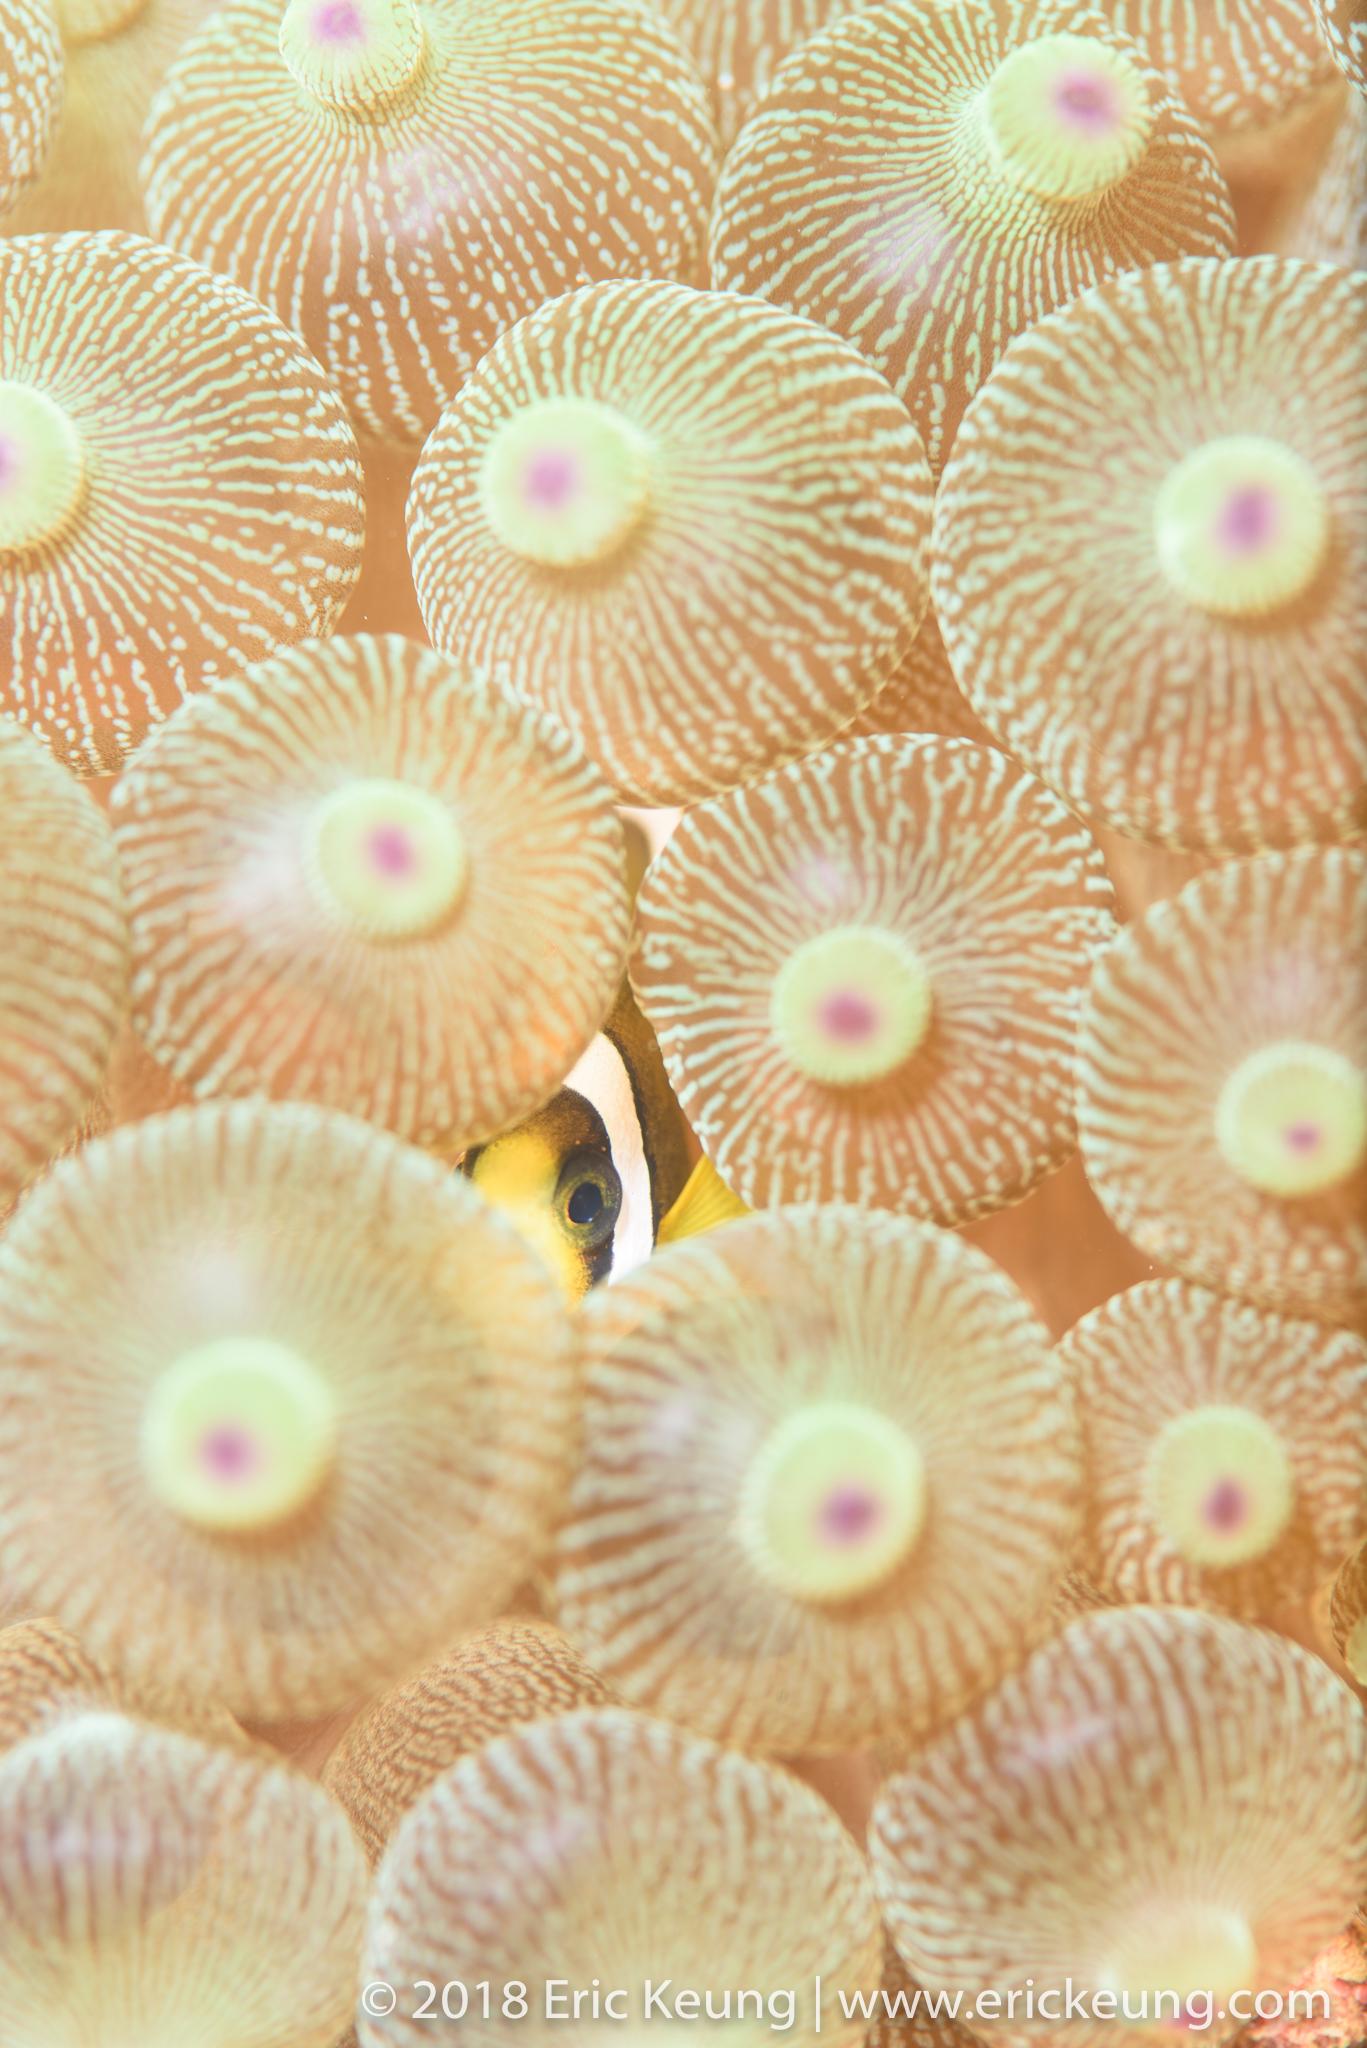 114˚E珊瑚魚普查計劃資料庫的專業攝影圖片:小丑魚。(Credit: Eric Keung)